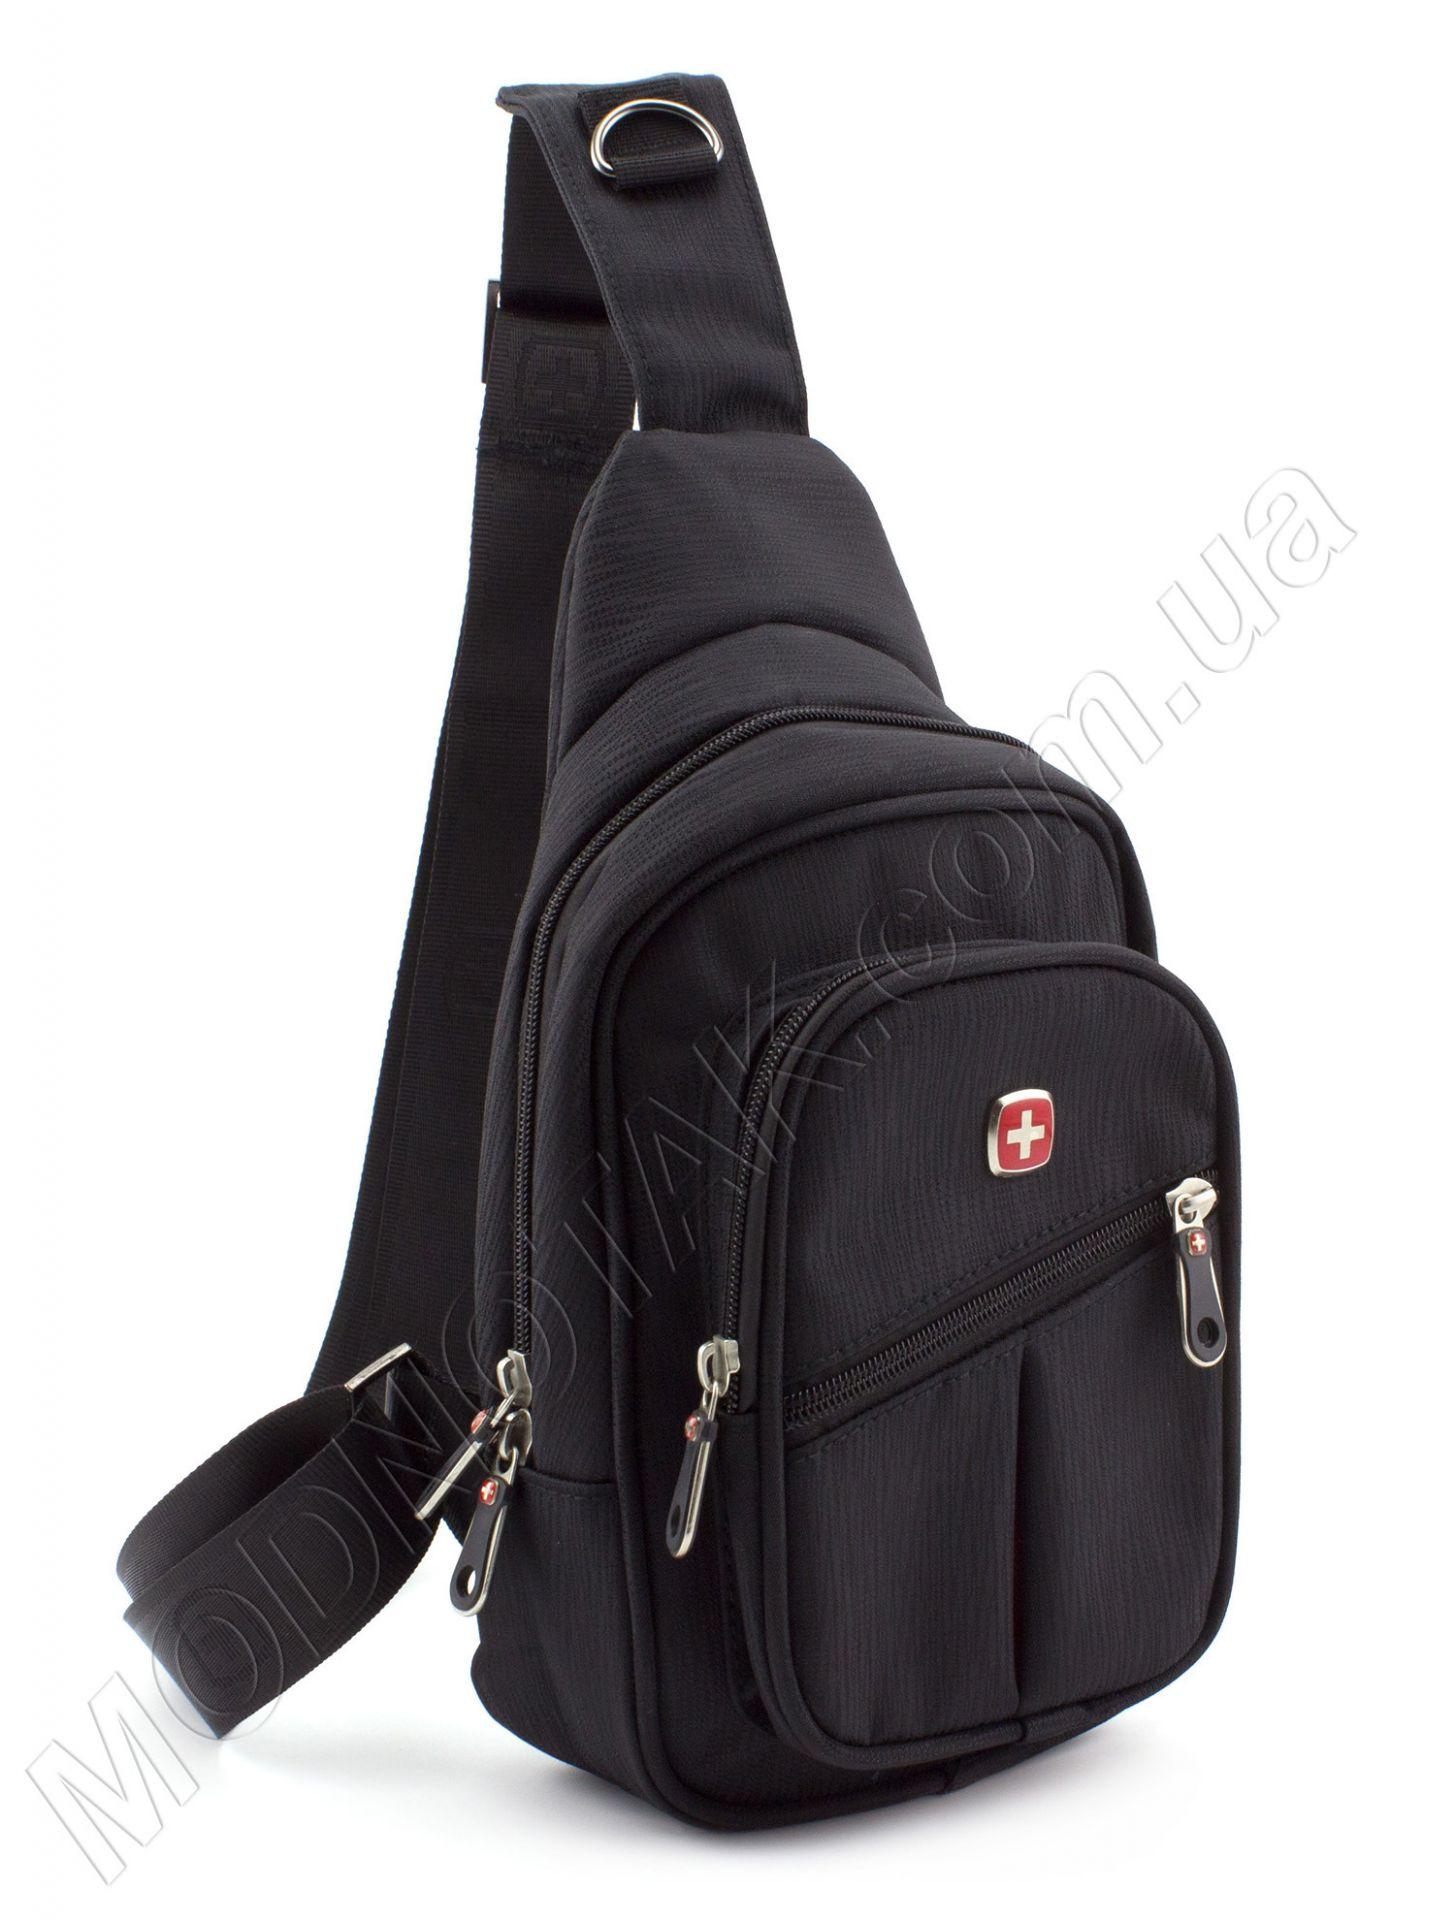 a512cc0d6f72 Недорогая сумка через плечо из ткани черного цвета SWISSGEAR: купить ...